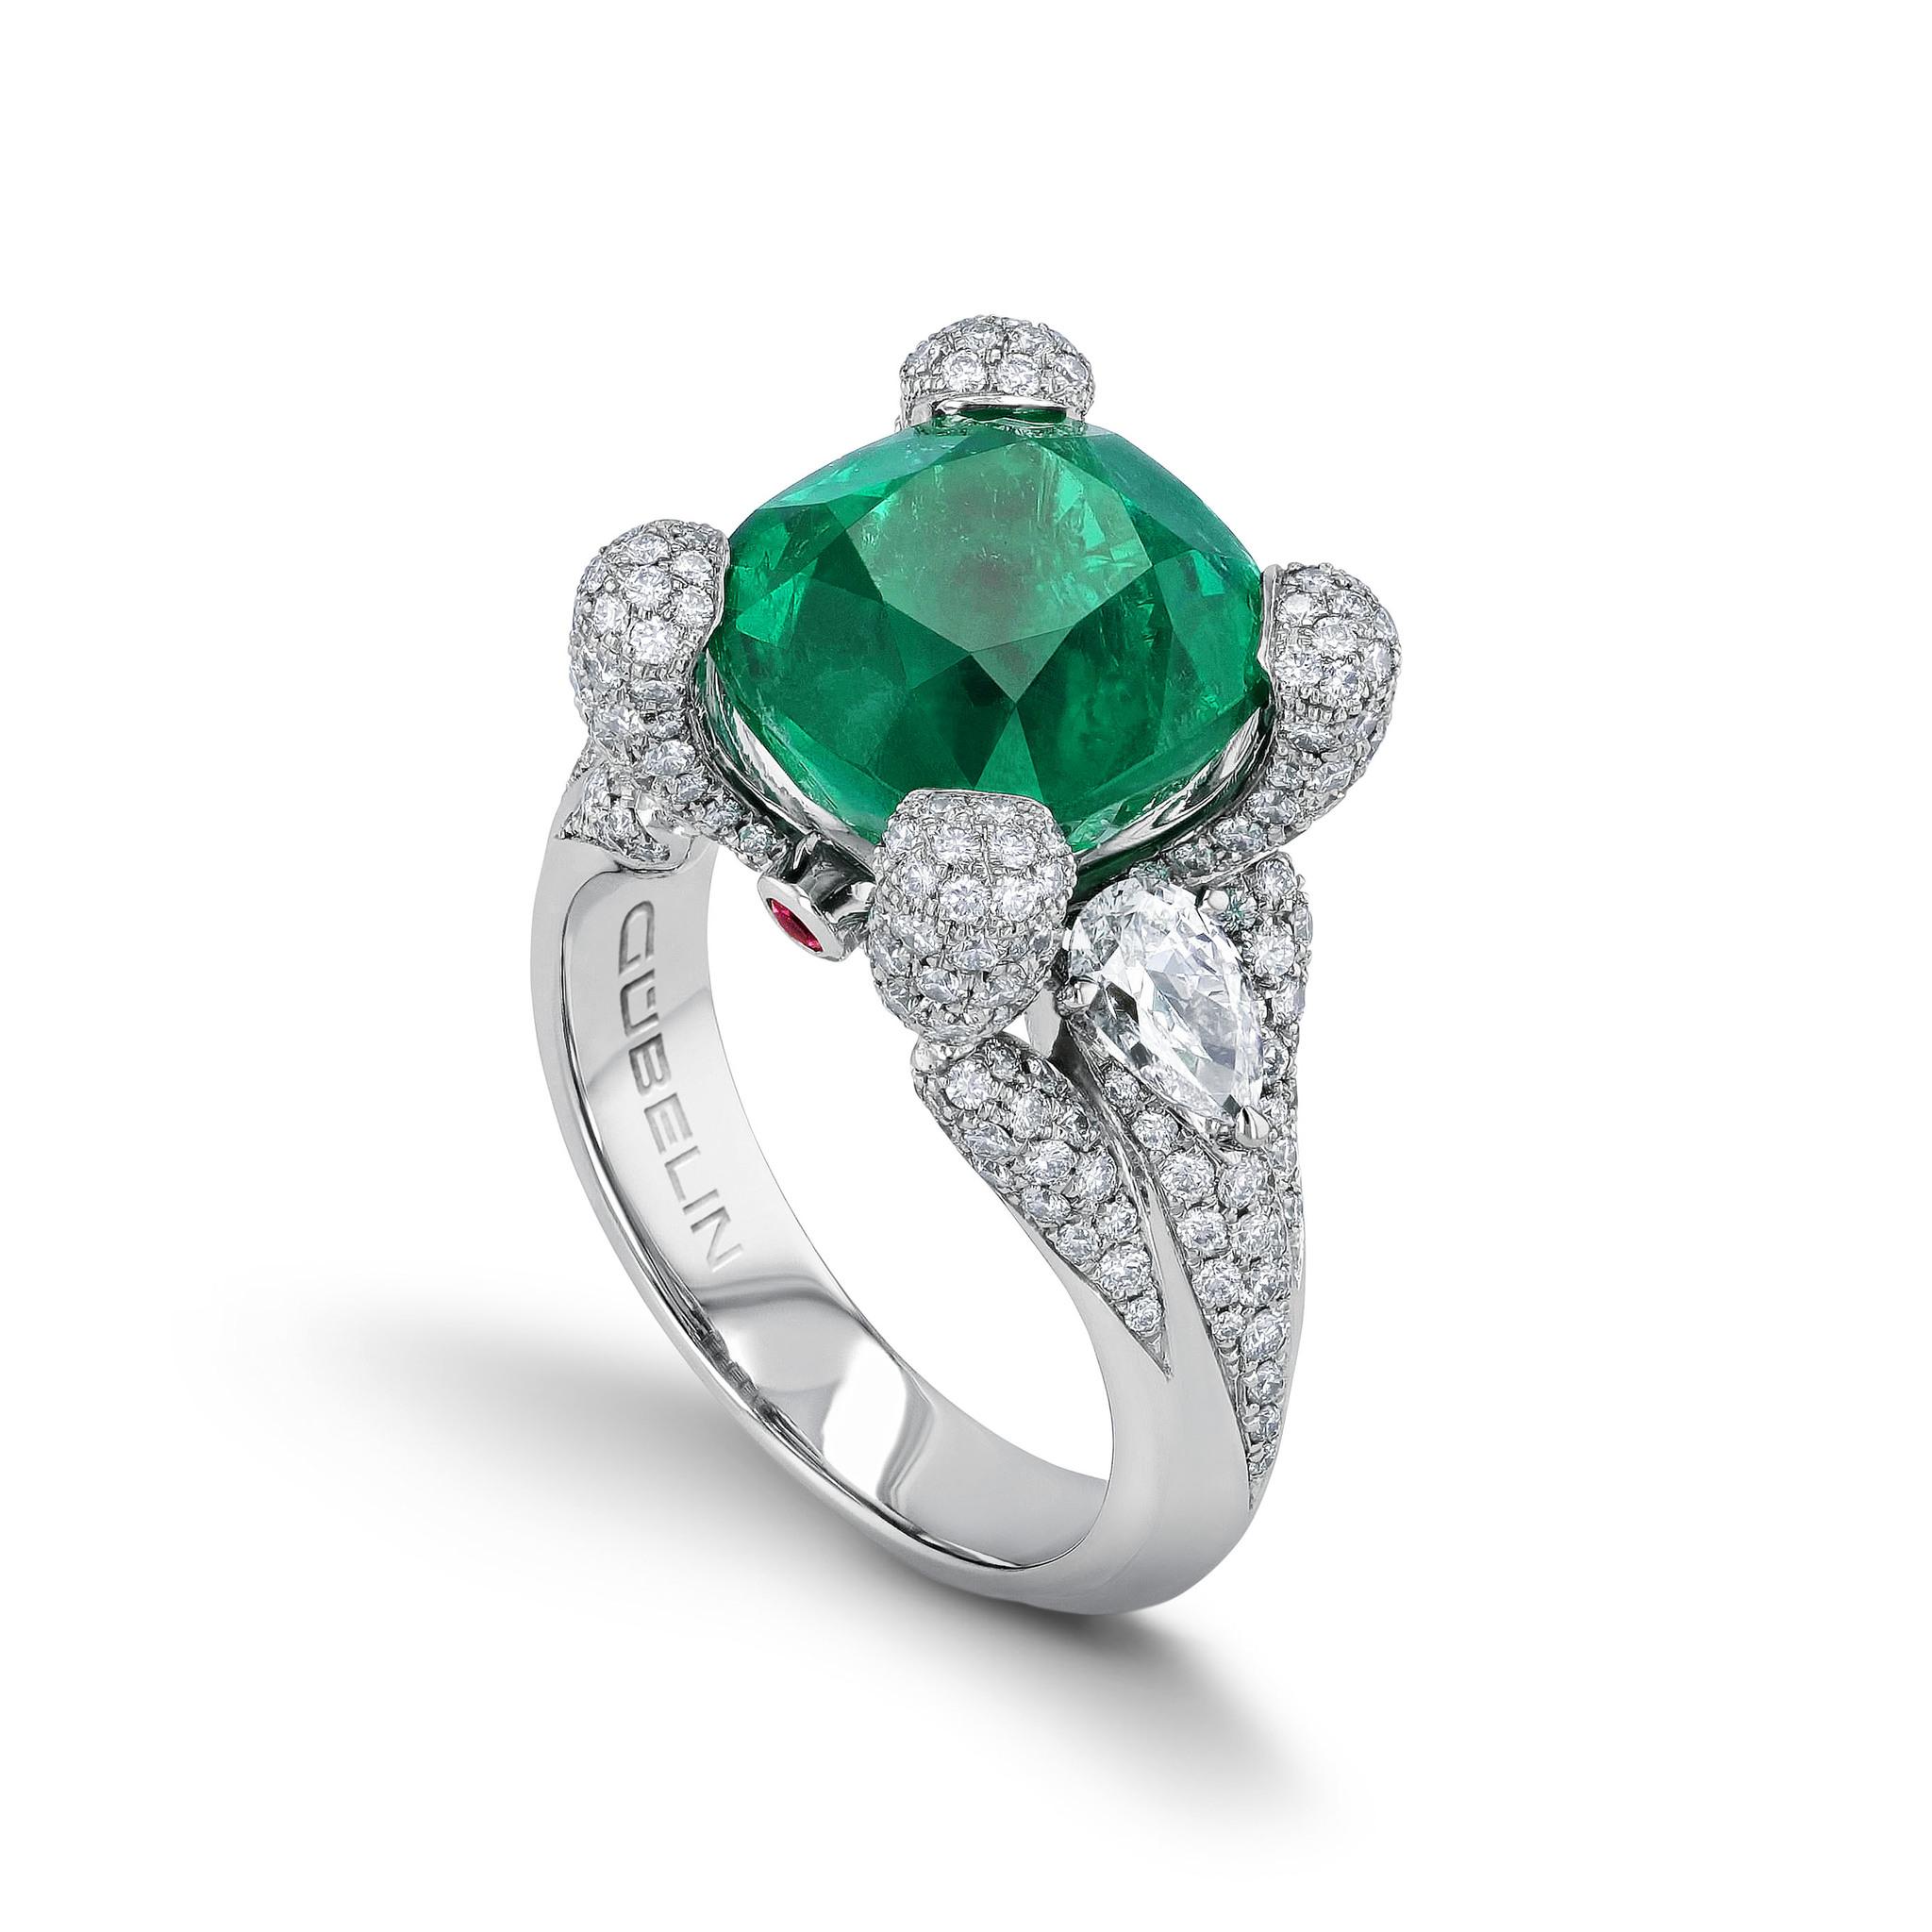 戒指镶嵌祖母绿